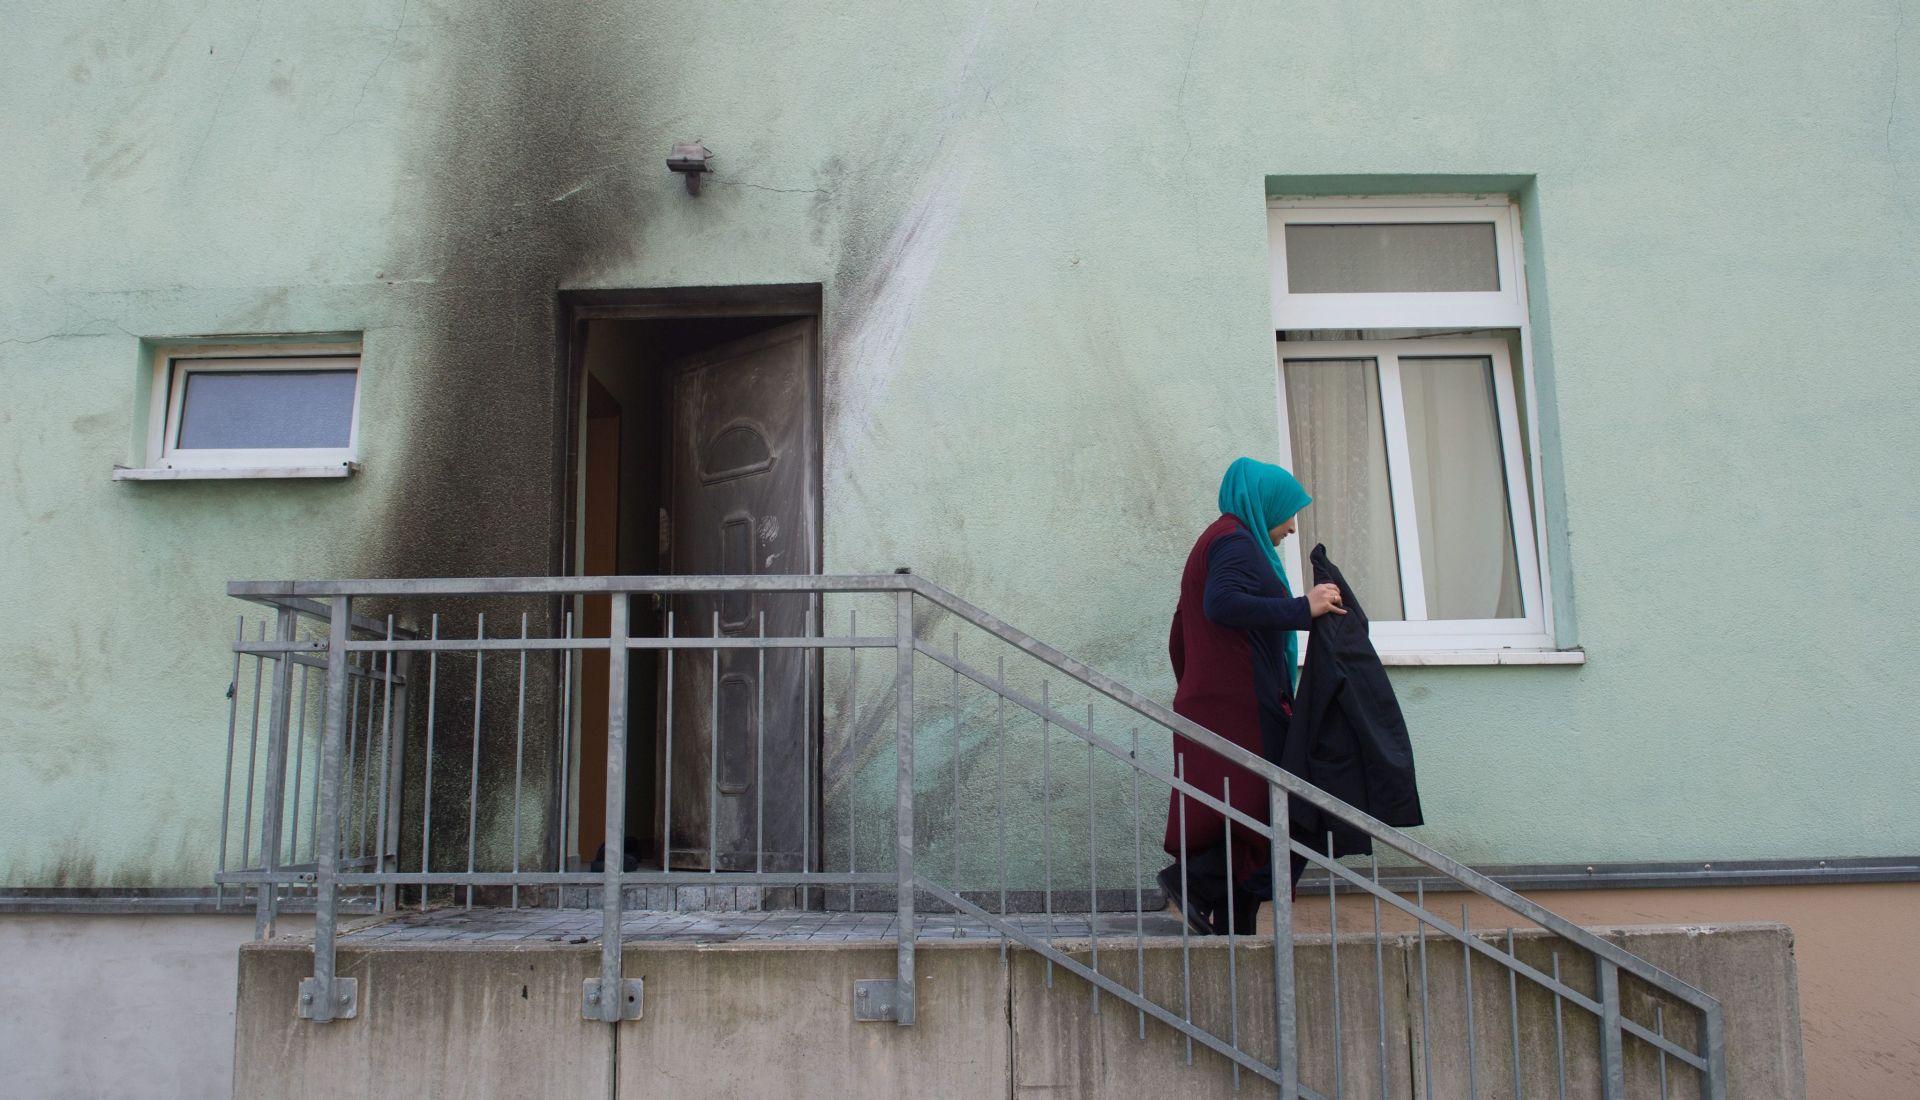 NJEMAČKA Dvije bombe eksplodirale u Dresdenu, nema žrtava